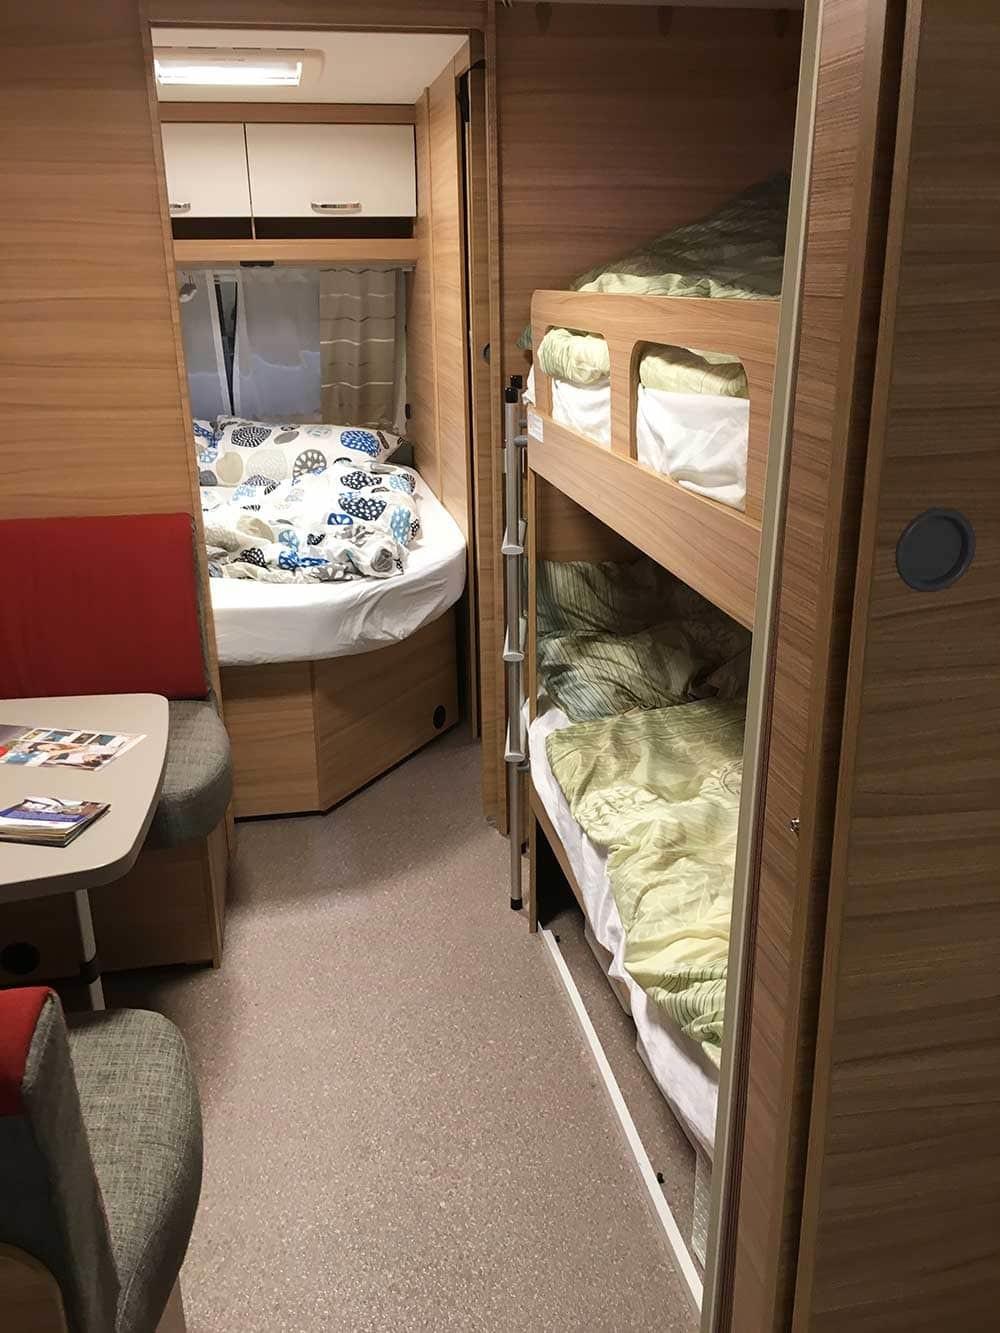 caravan dethleffs camper 730 fkr schlafbereich wohnwagen. Black Bedroom Furniture Sets. Home Design Ideas